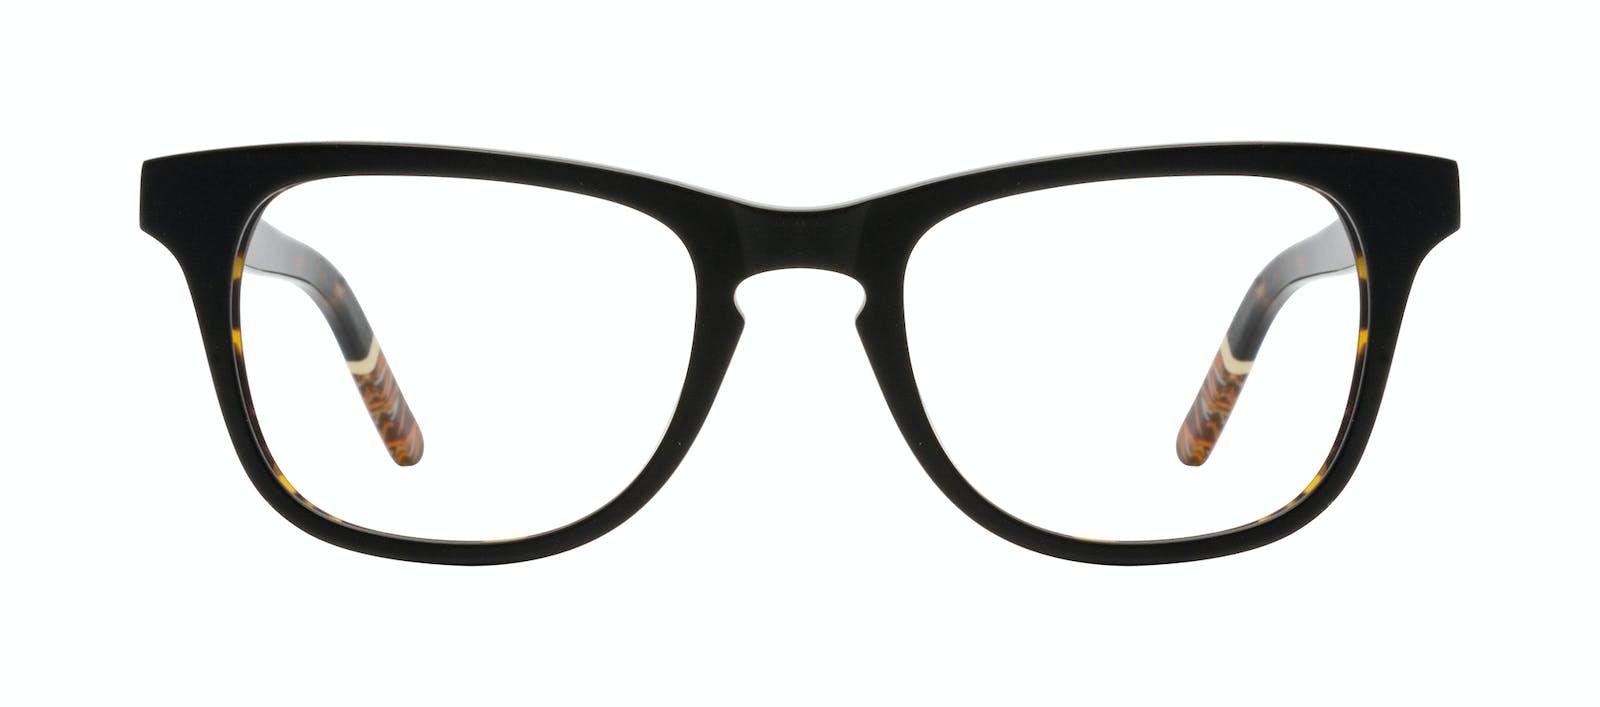 12a080bf53f Affordable Fashion Glasses Rectangle Eyeglasses Men Trust Black Tort Front